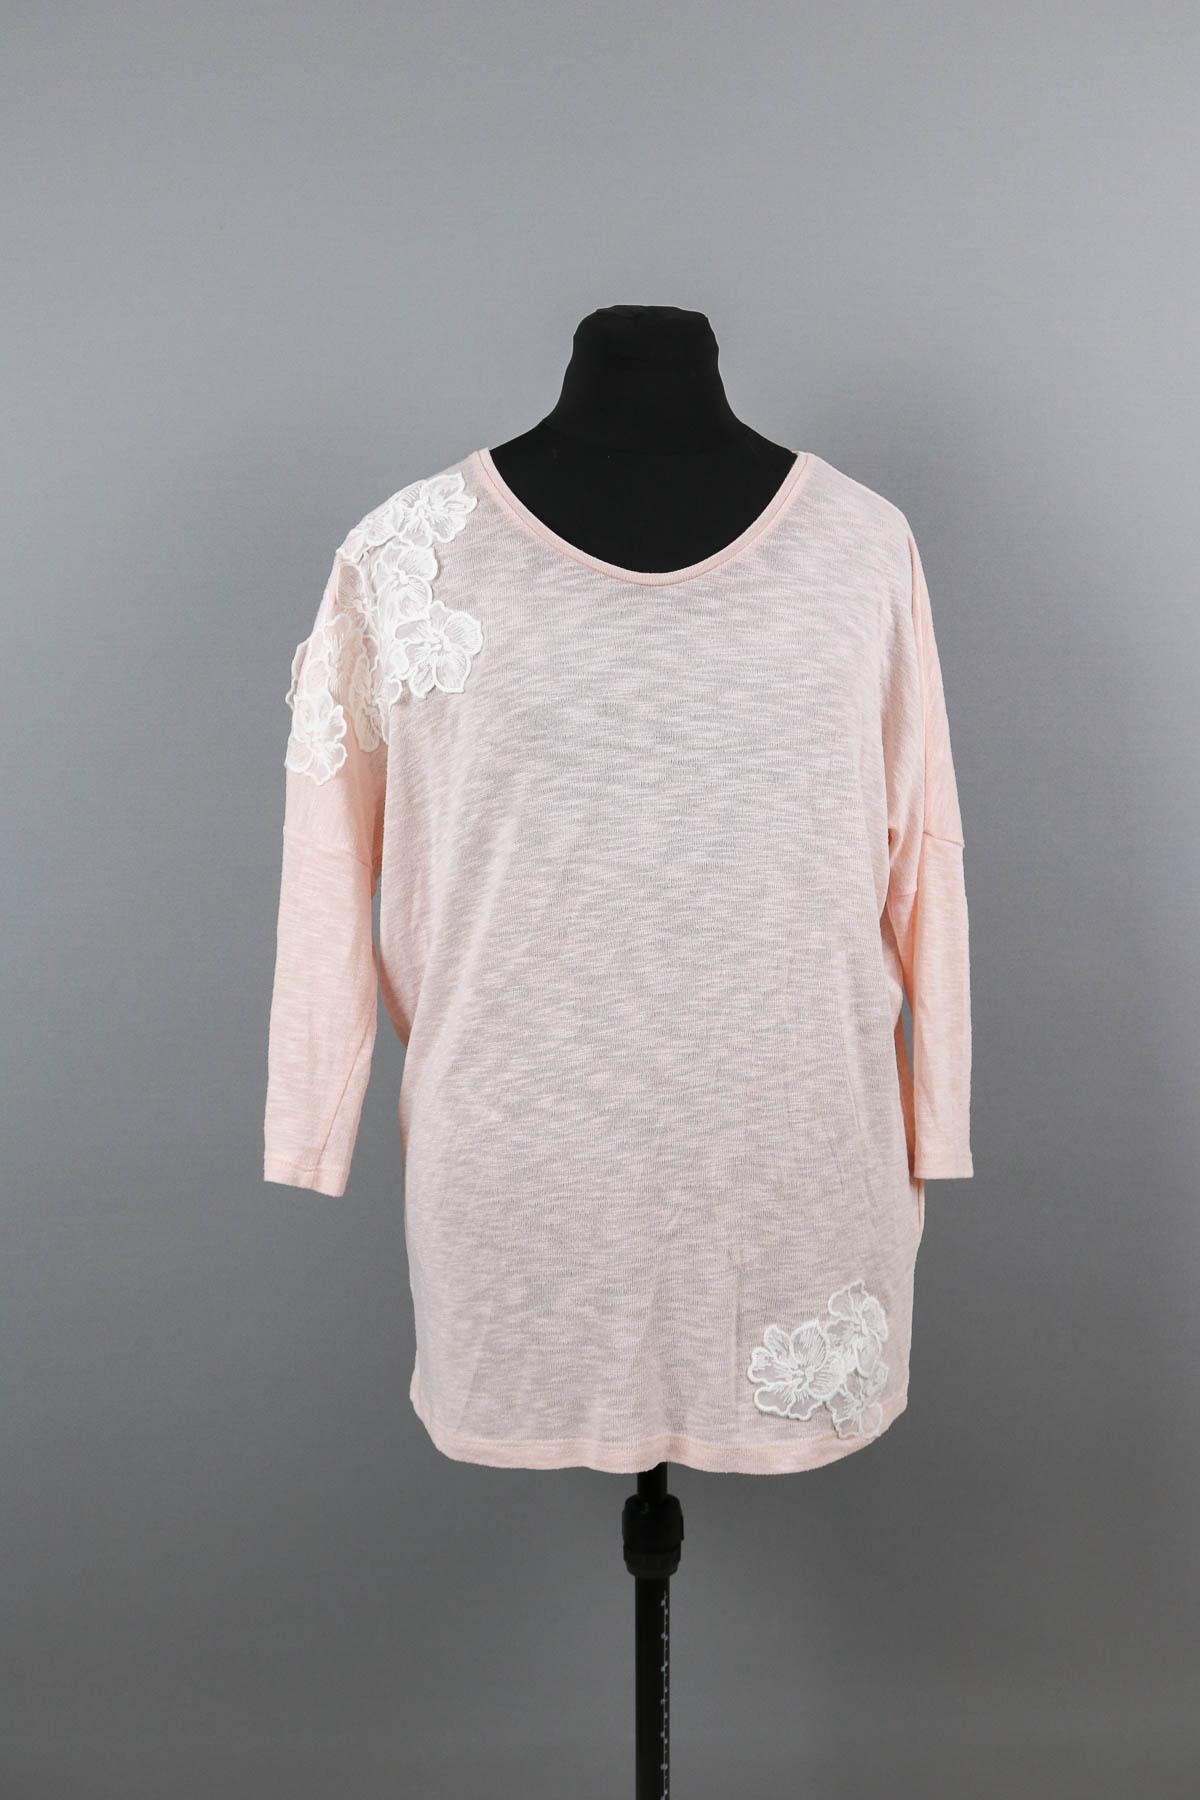 Gekauftes Shirt mit Spitze benähen. JanaKnöpfchen